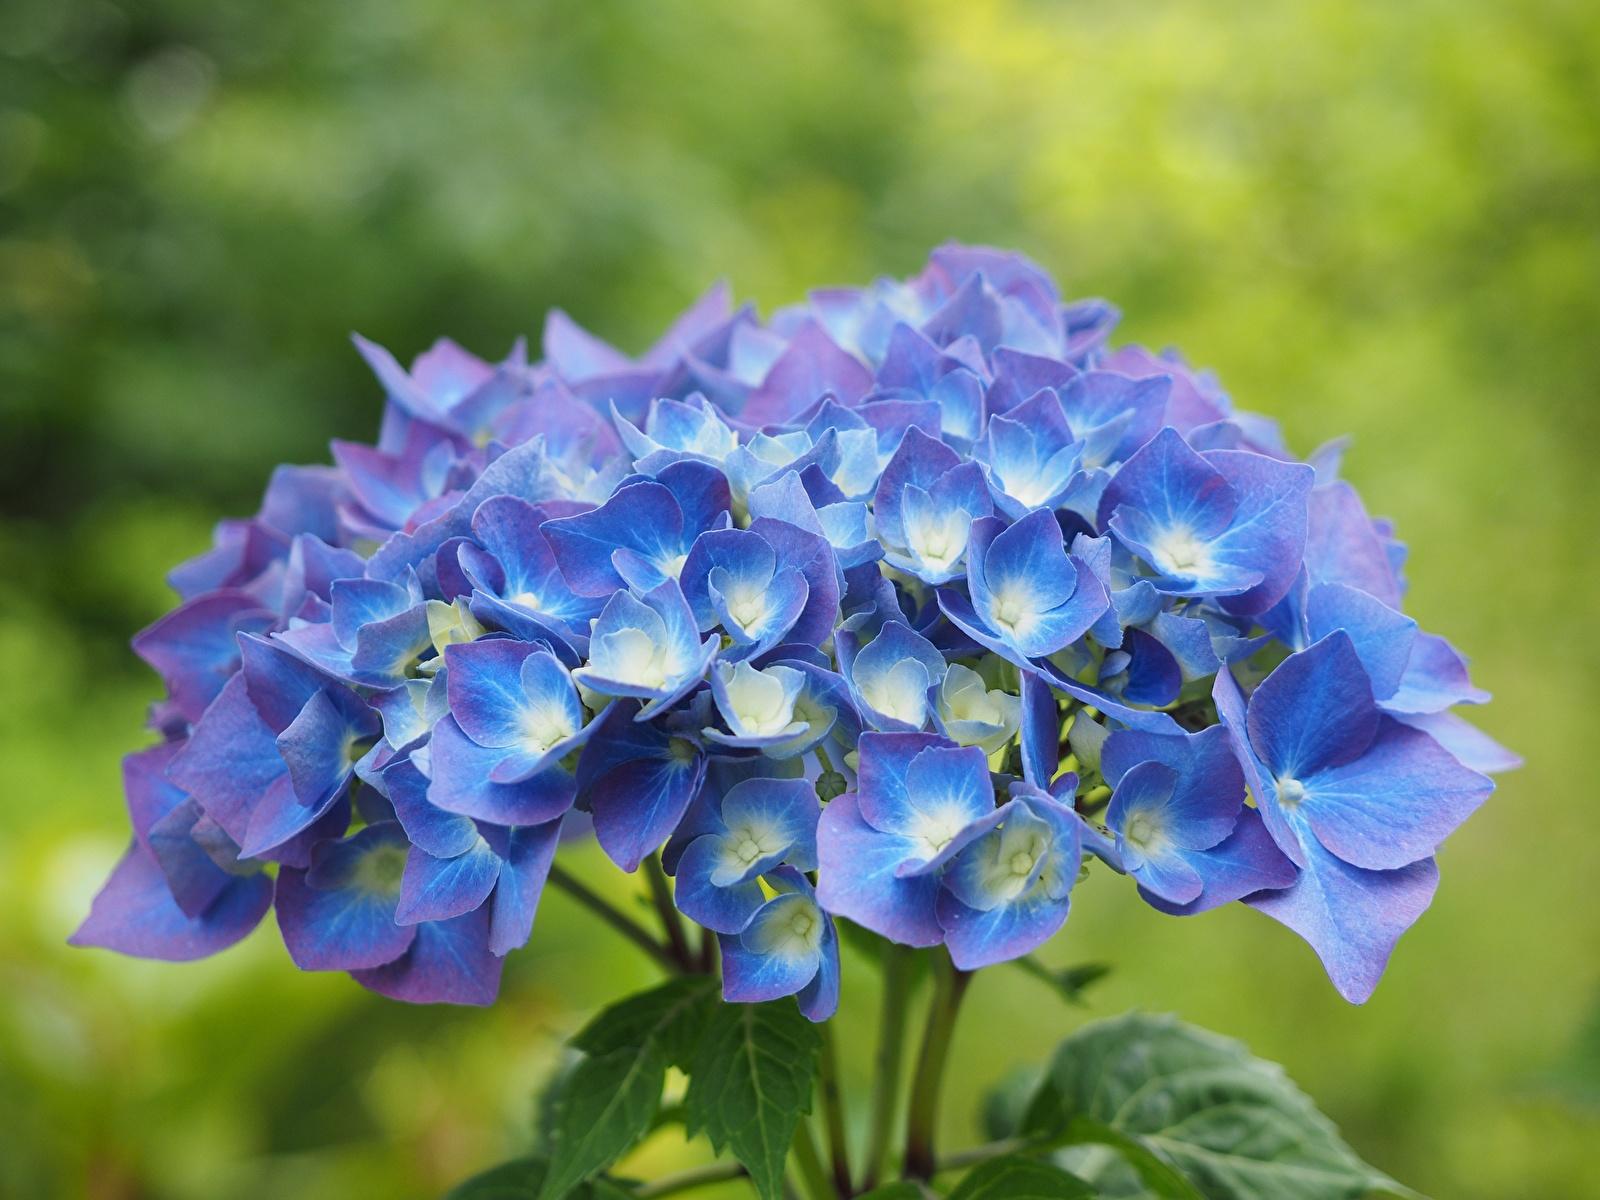 Фото Размытый фон Синий цветок Гортензия Крупным планом 1600x1200 боке синяя синие синих Цветы вблизи